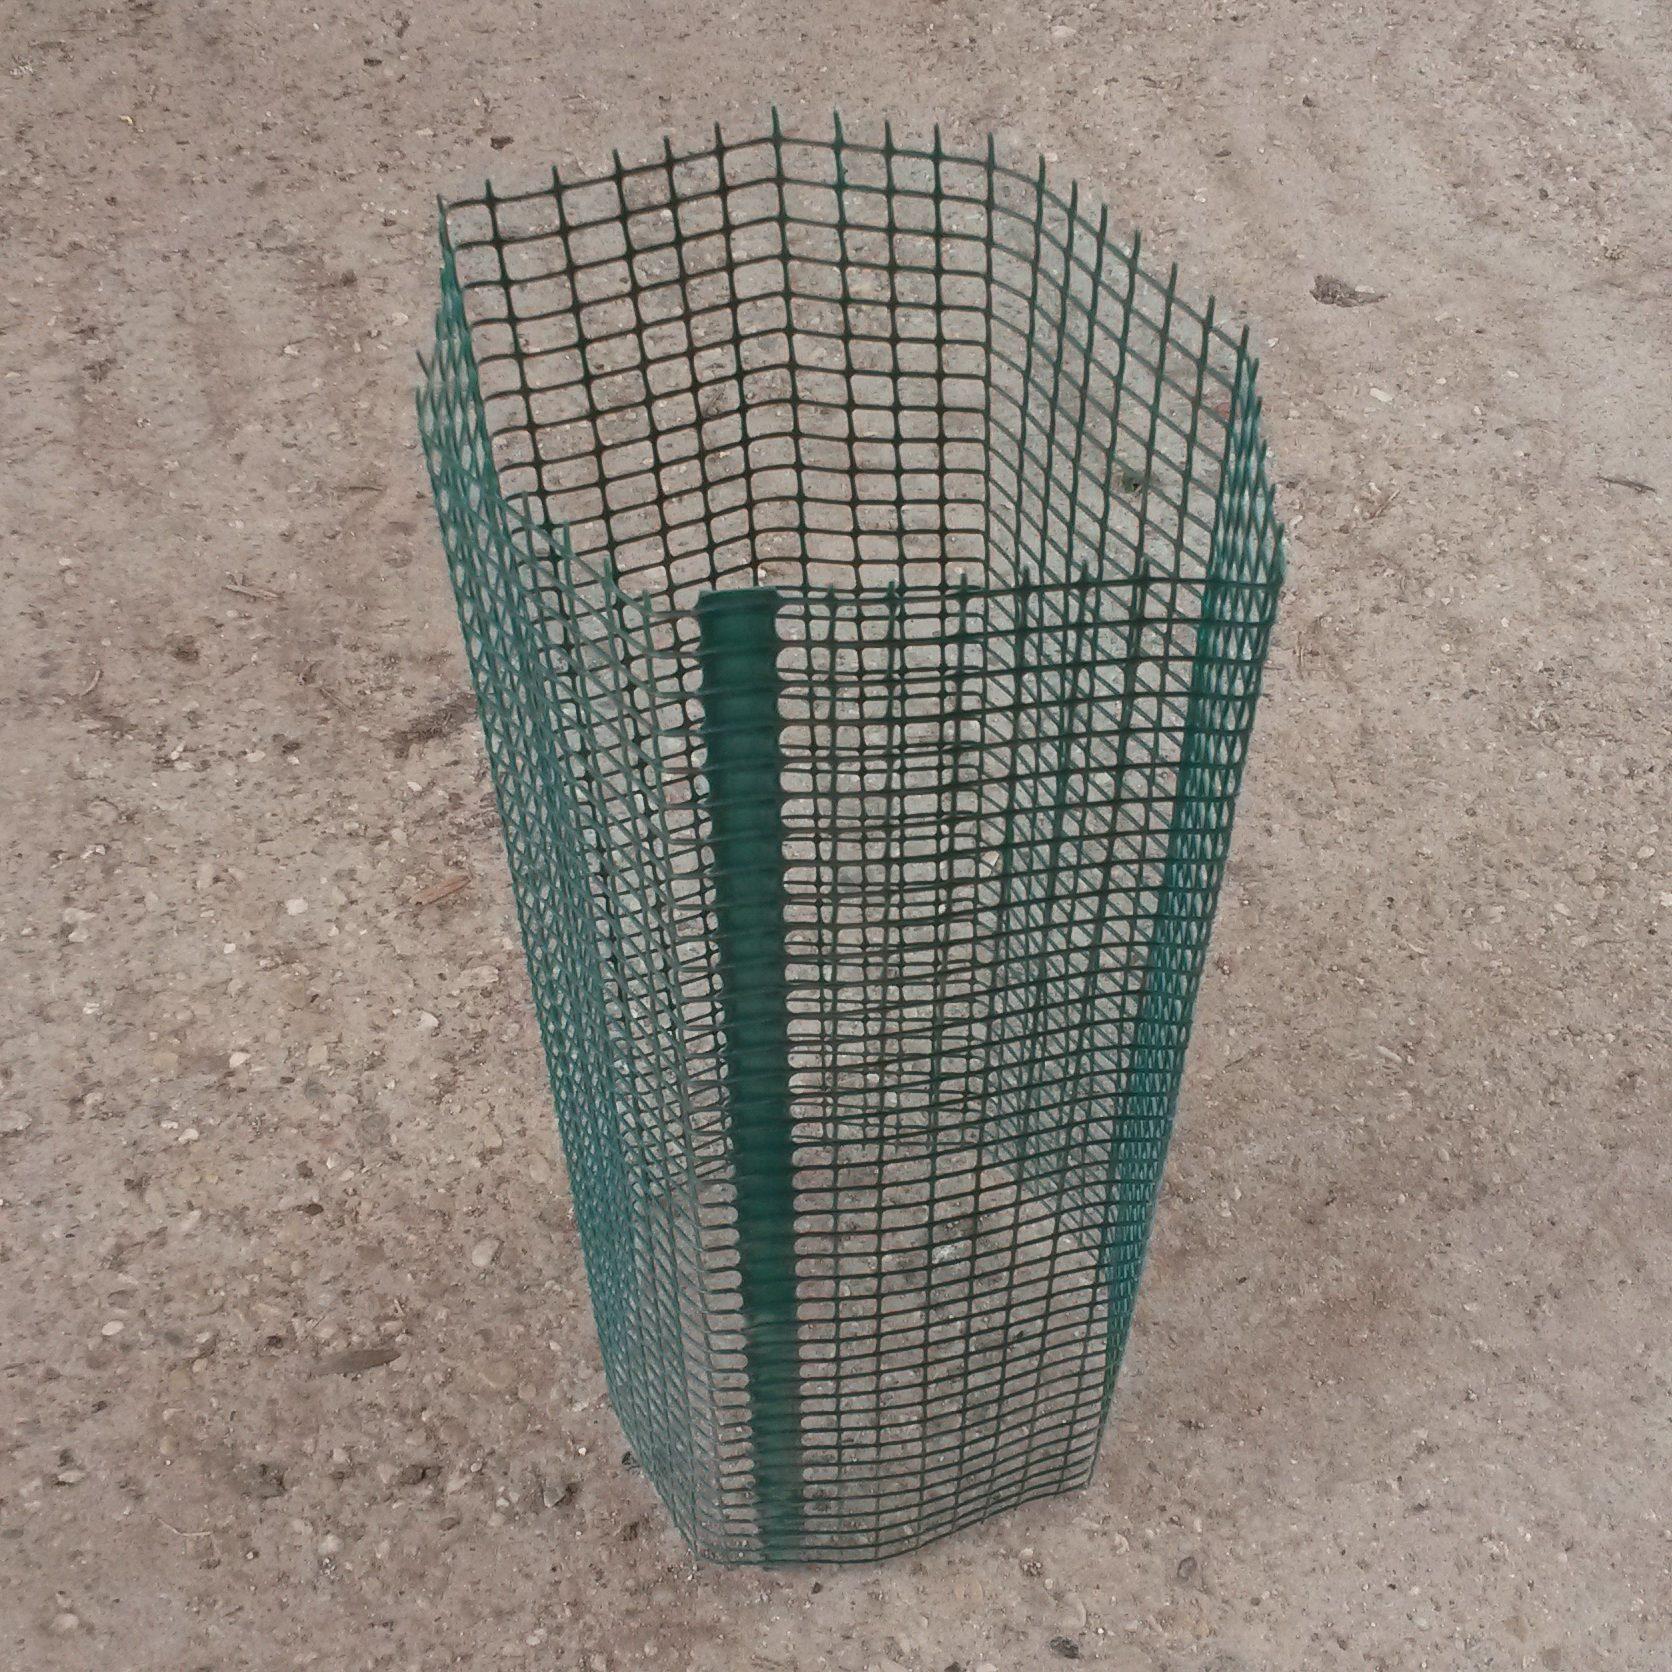 Protezioni tubolari SHELTER 300 in rete tubolare verde, diametro 30 cm, altezza 50 cm o in rotolo da 100 metri lineari